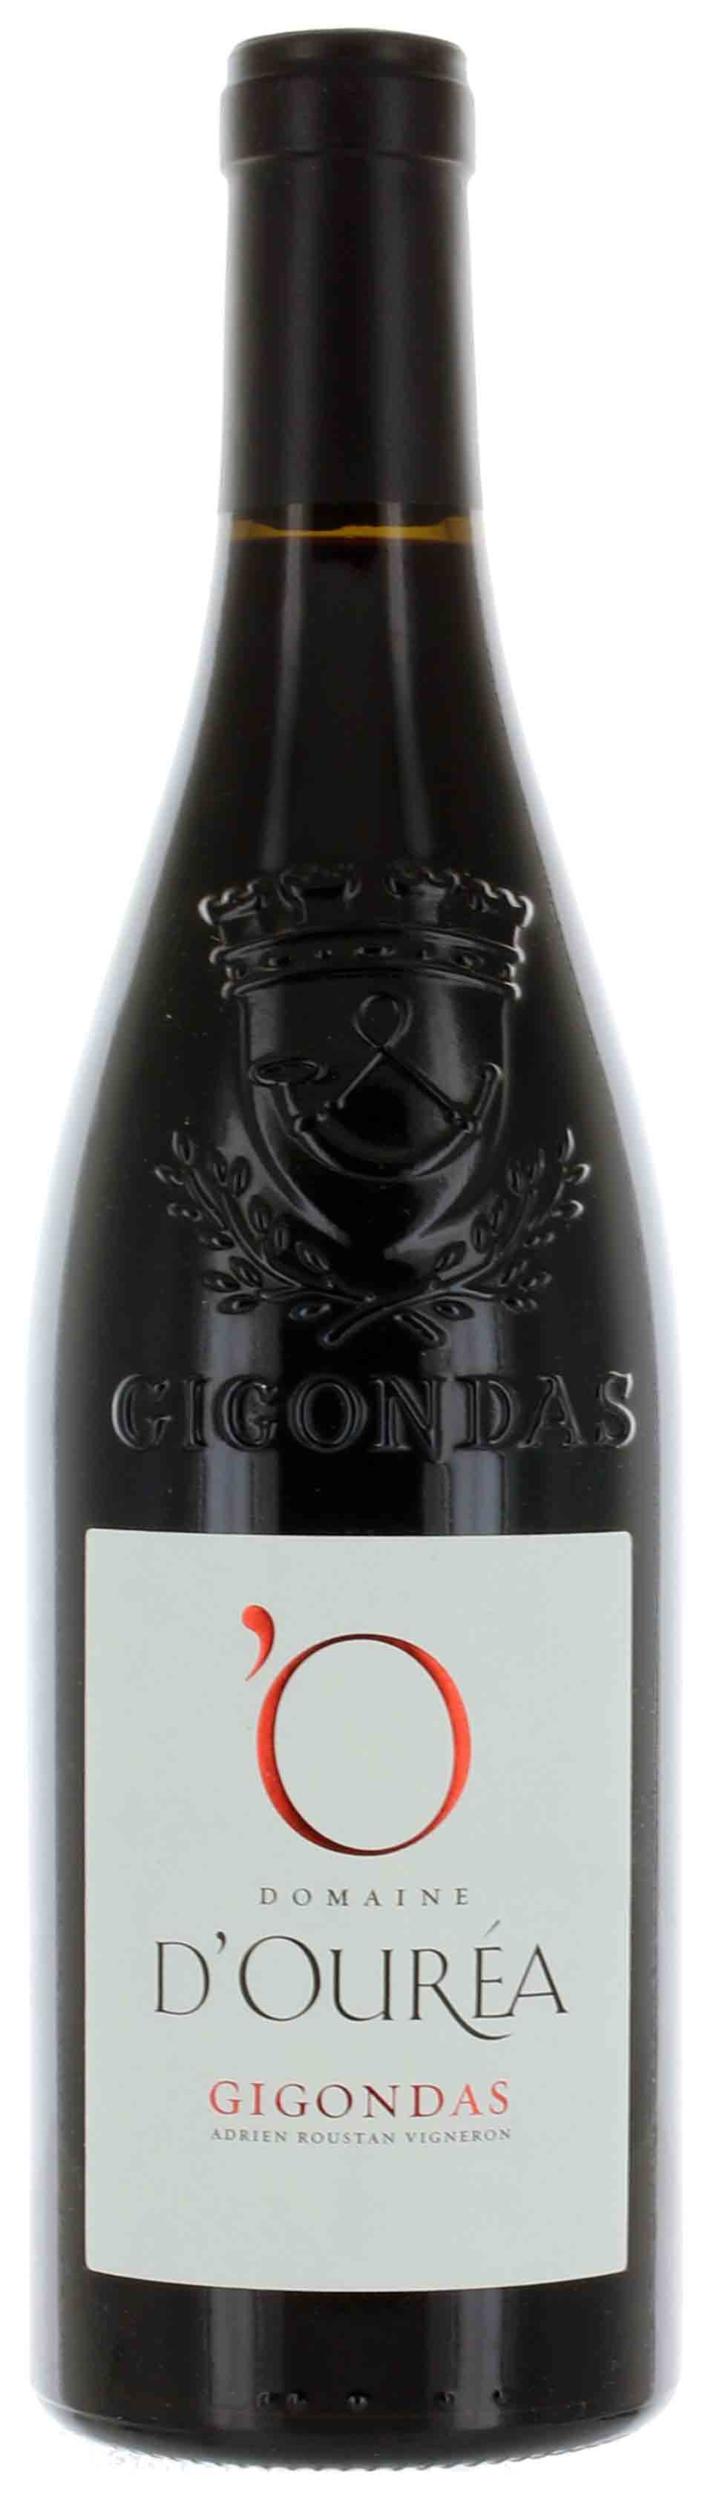 Gigondas - Domaine d\'Ourea - 2018 - BIO